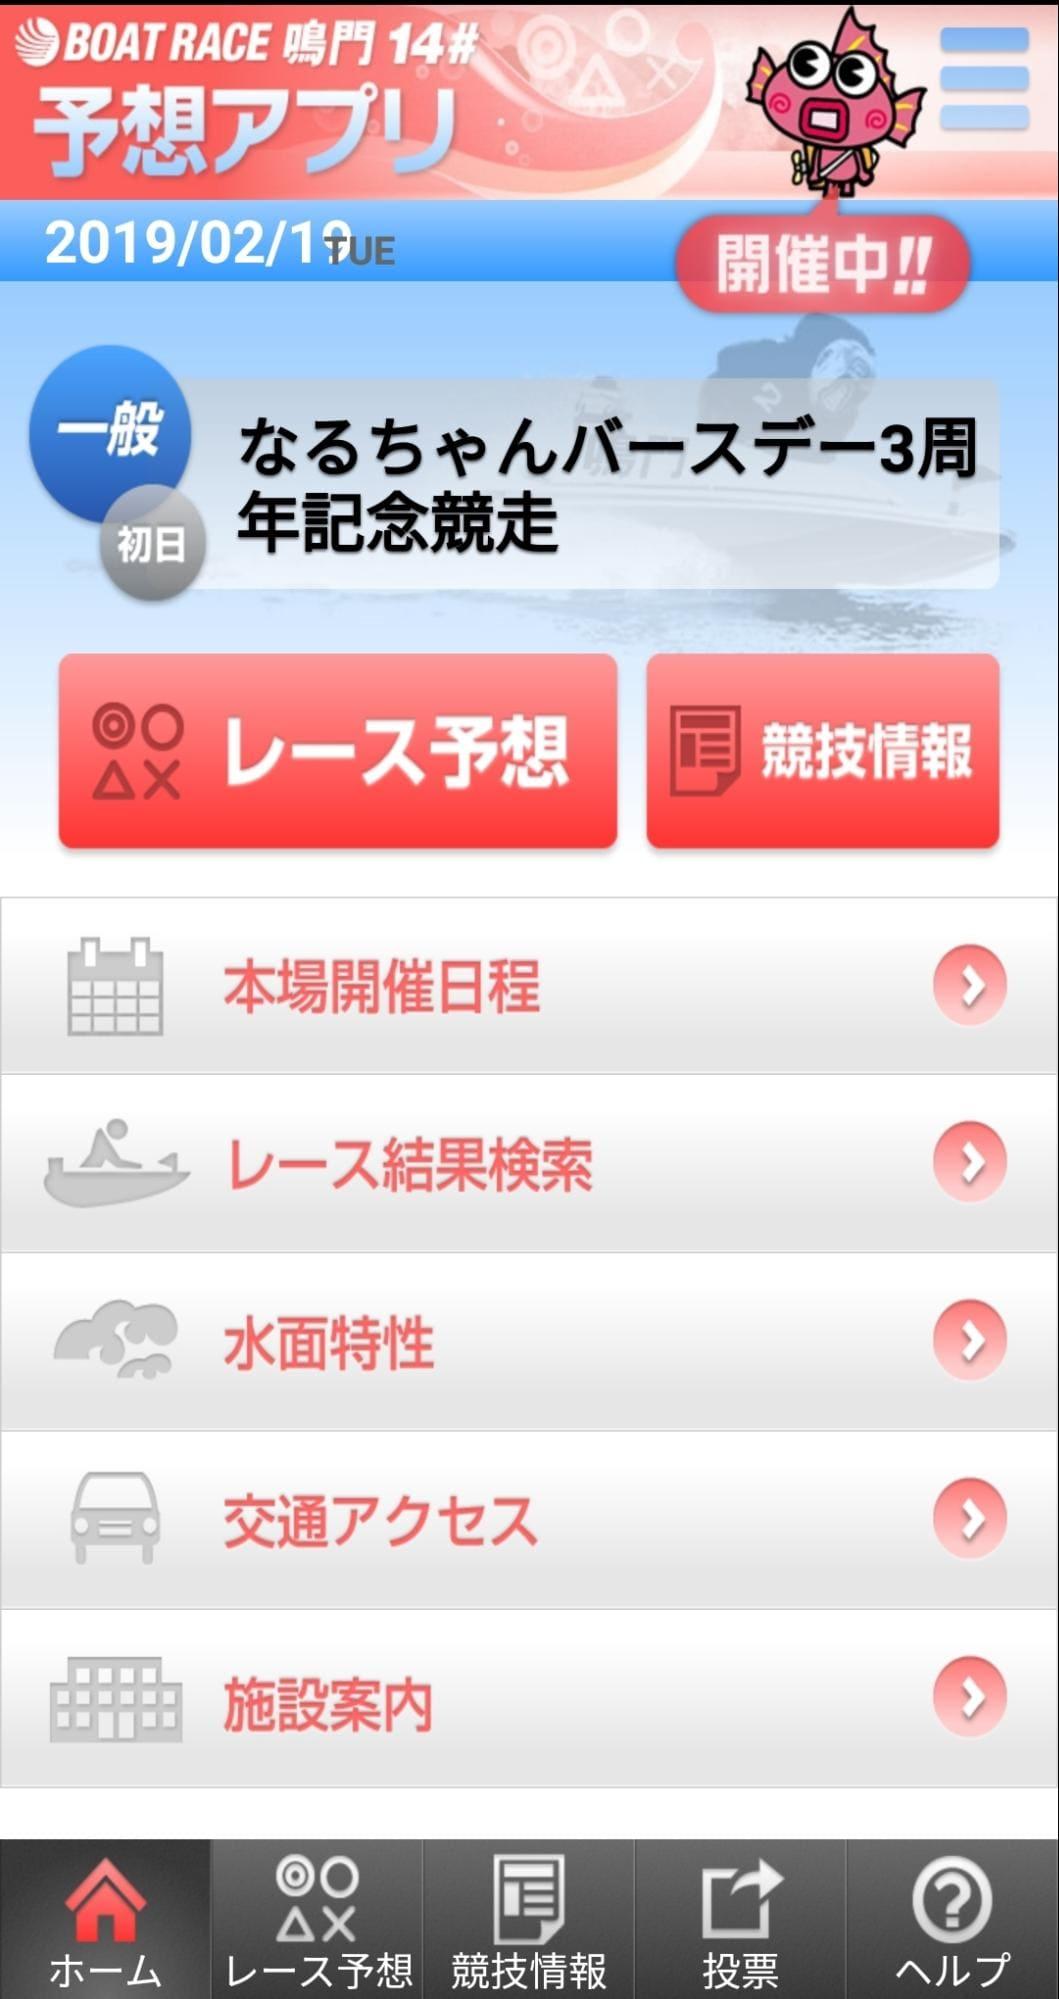 BOAT RACE鳴門予想アプリ